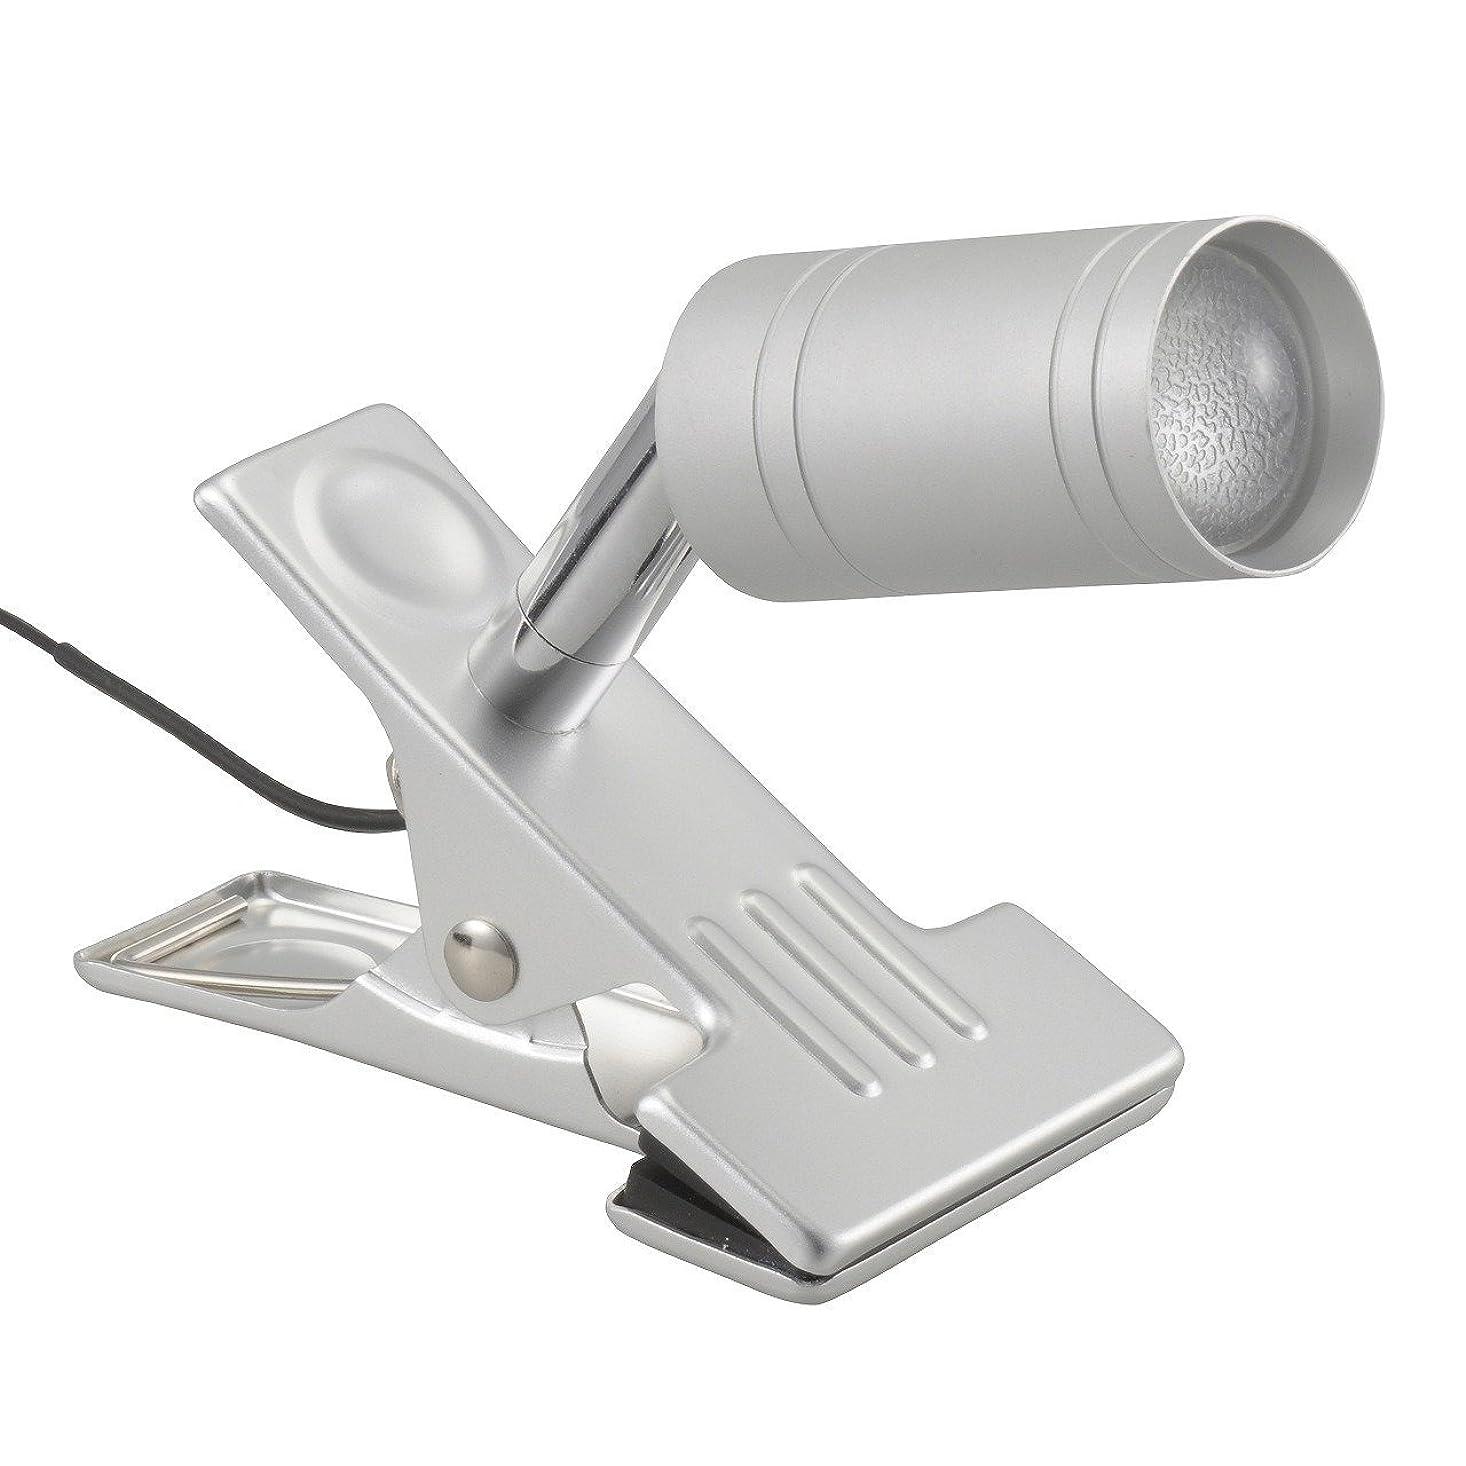 早熟軍流行しているOHM LEDクリップライト LTL-C6N シルバー 昼白色 [品番]06-1307 LTL-C6N-S